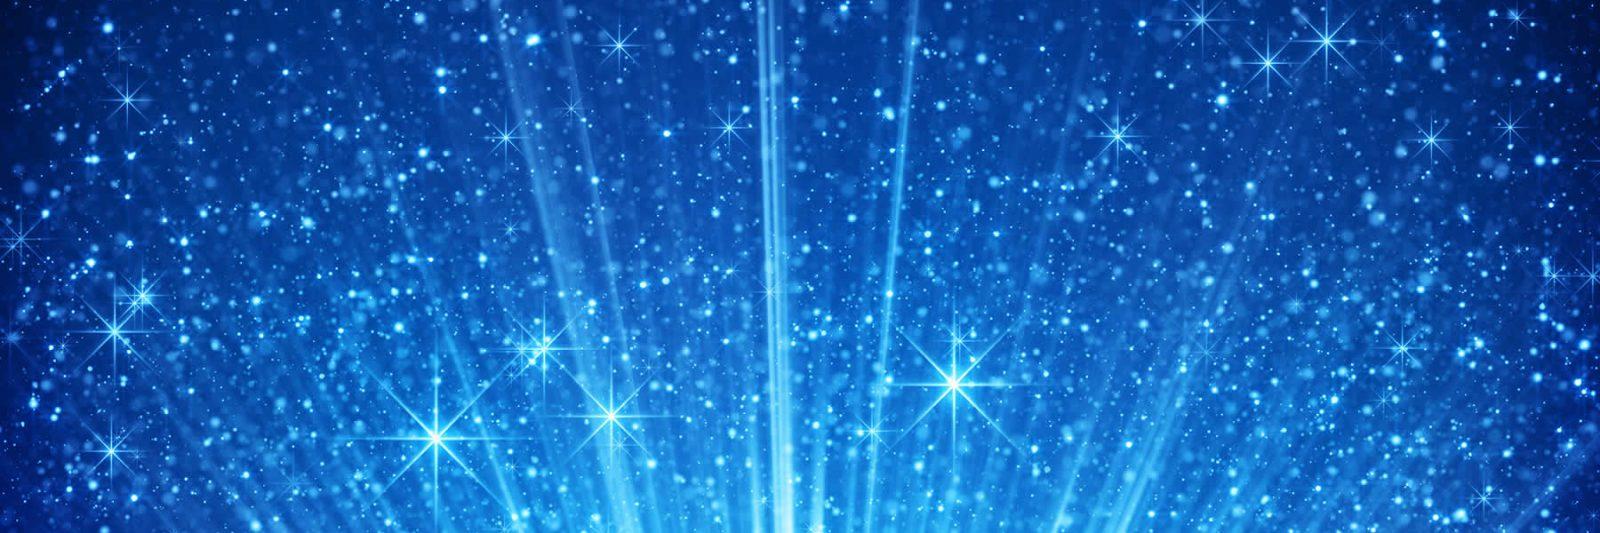 winkler's blue stars banner